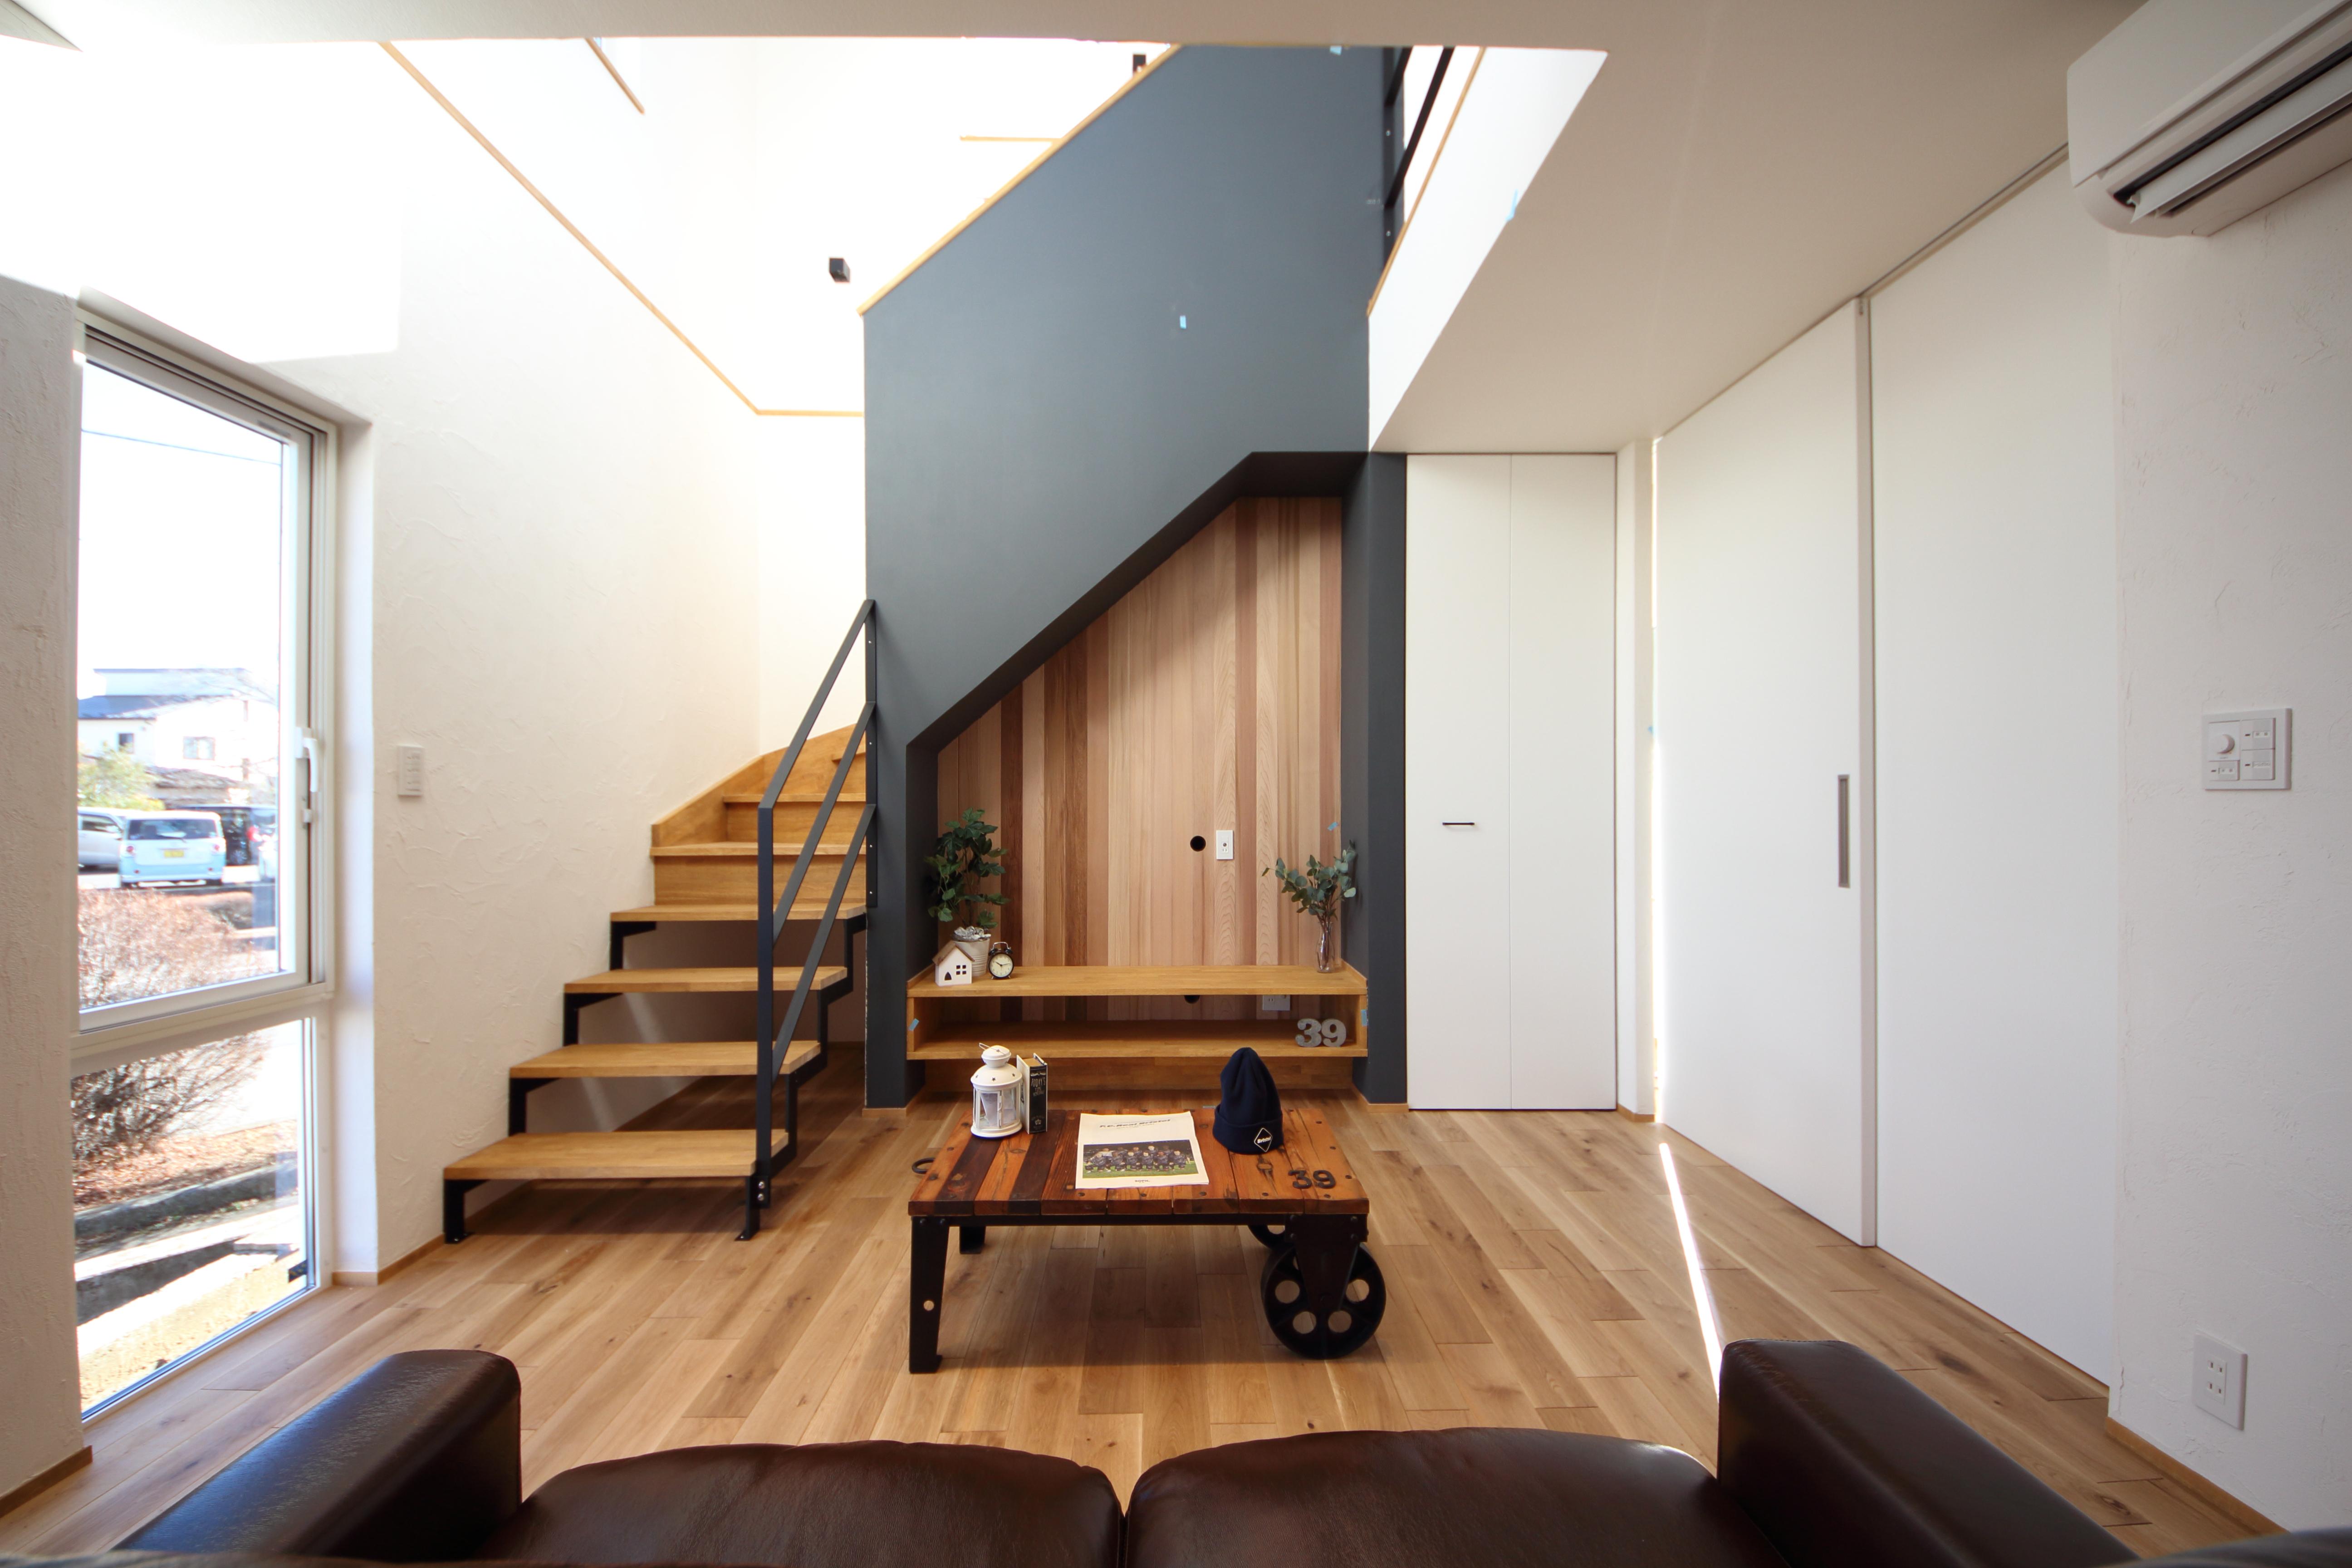 未来建築工房の新築注文住宅|山梨県富士吉田市竜が丘の家の内観はシンプルでスタイリッシュ。ブラックのアクセントウォールが印象的な家。